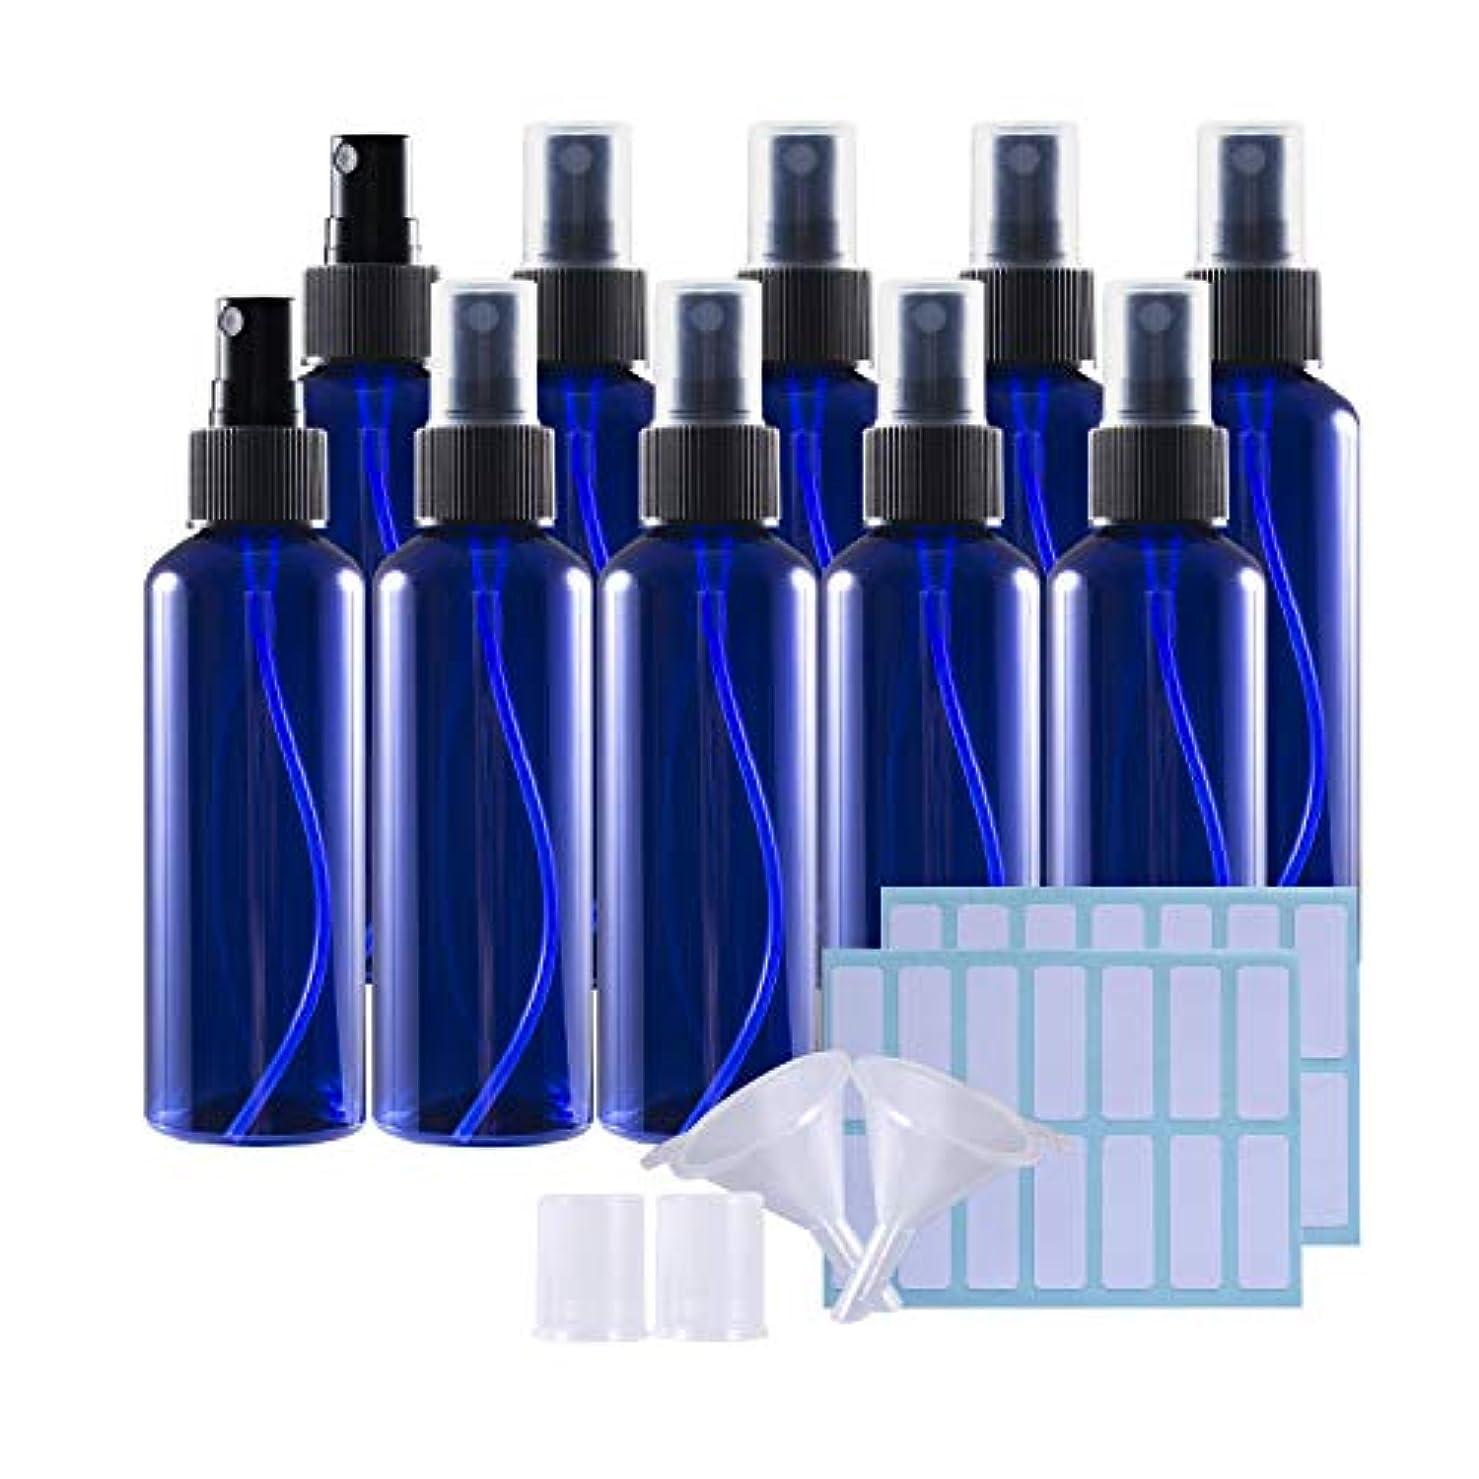 おとうさん誤解する間100mlスプレーボトル 10個セット遮光瓶 小分けボトル プラスチック容器 液体用空ボトル 押し式詰替用ボトル 詰め替え シャンプー クリーム 化粧品 収納瓶